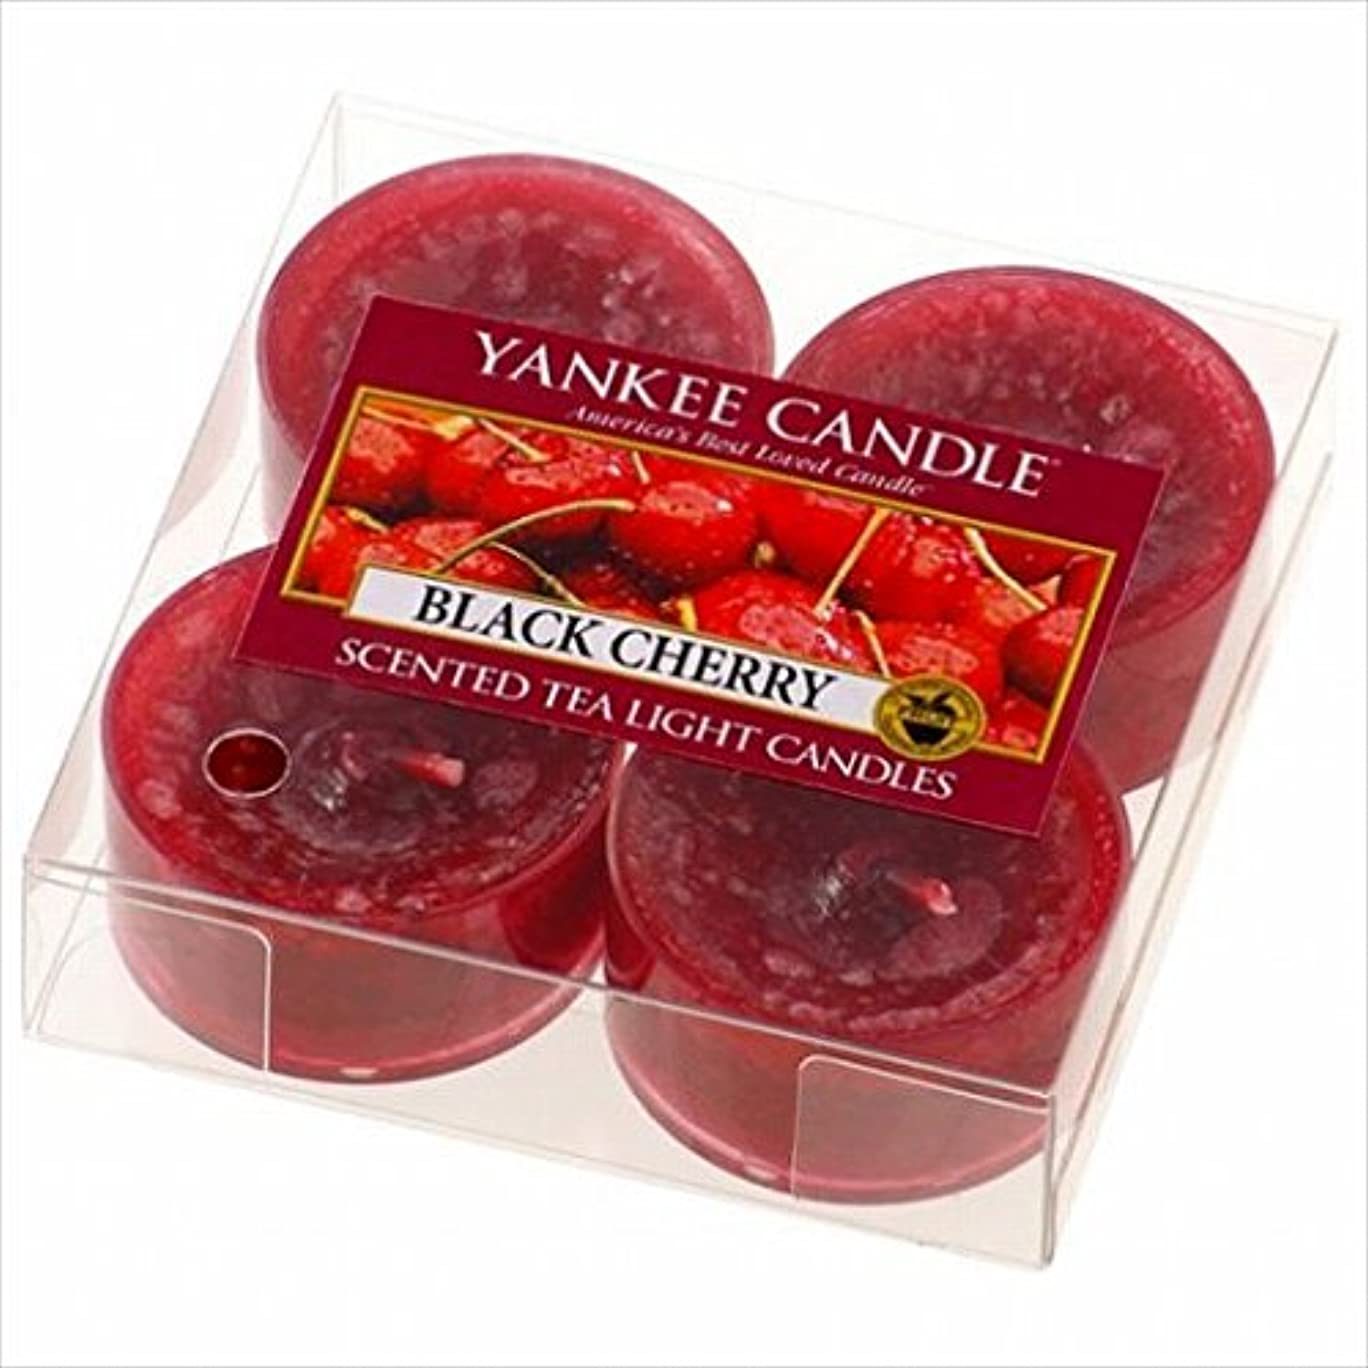 ヤンキーキャンドル( YANKEE CANDLE ) YANKEE CANDLE クリアカップティーライト4個入り 「 ブラックチェリー 」